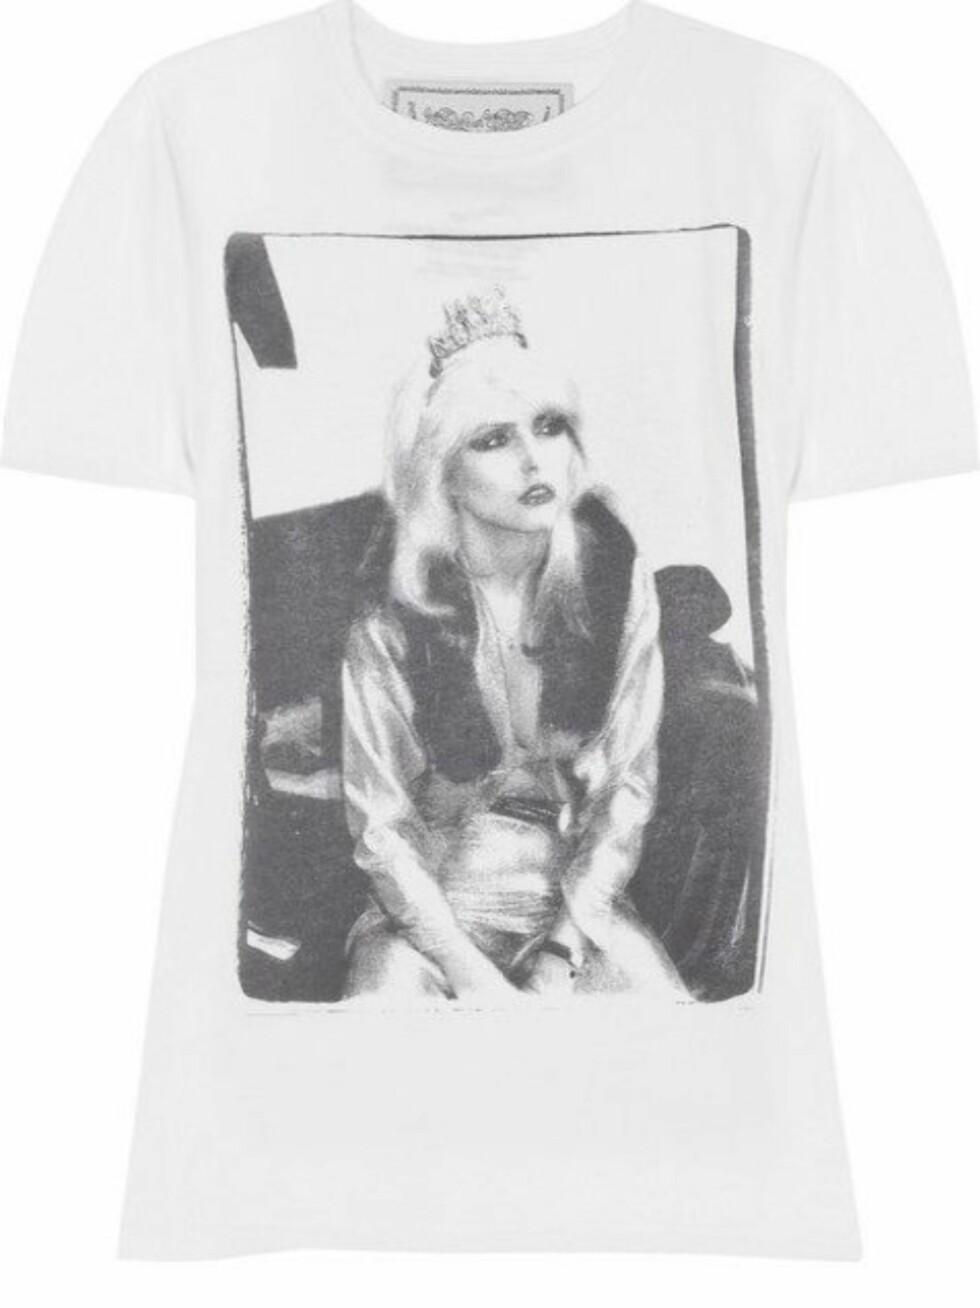 ROCKESTILIKON: Hvit t-skjorte med Debbie Harry, alias punkrockdronninga Blondie, på (kr 720, Buddhist Punk/Netaporter.com).